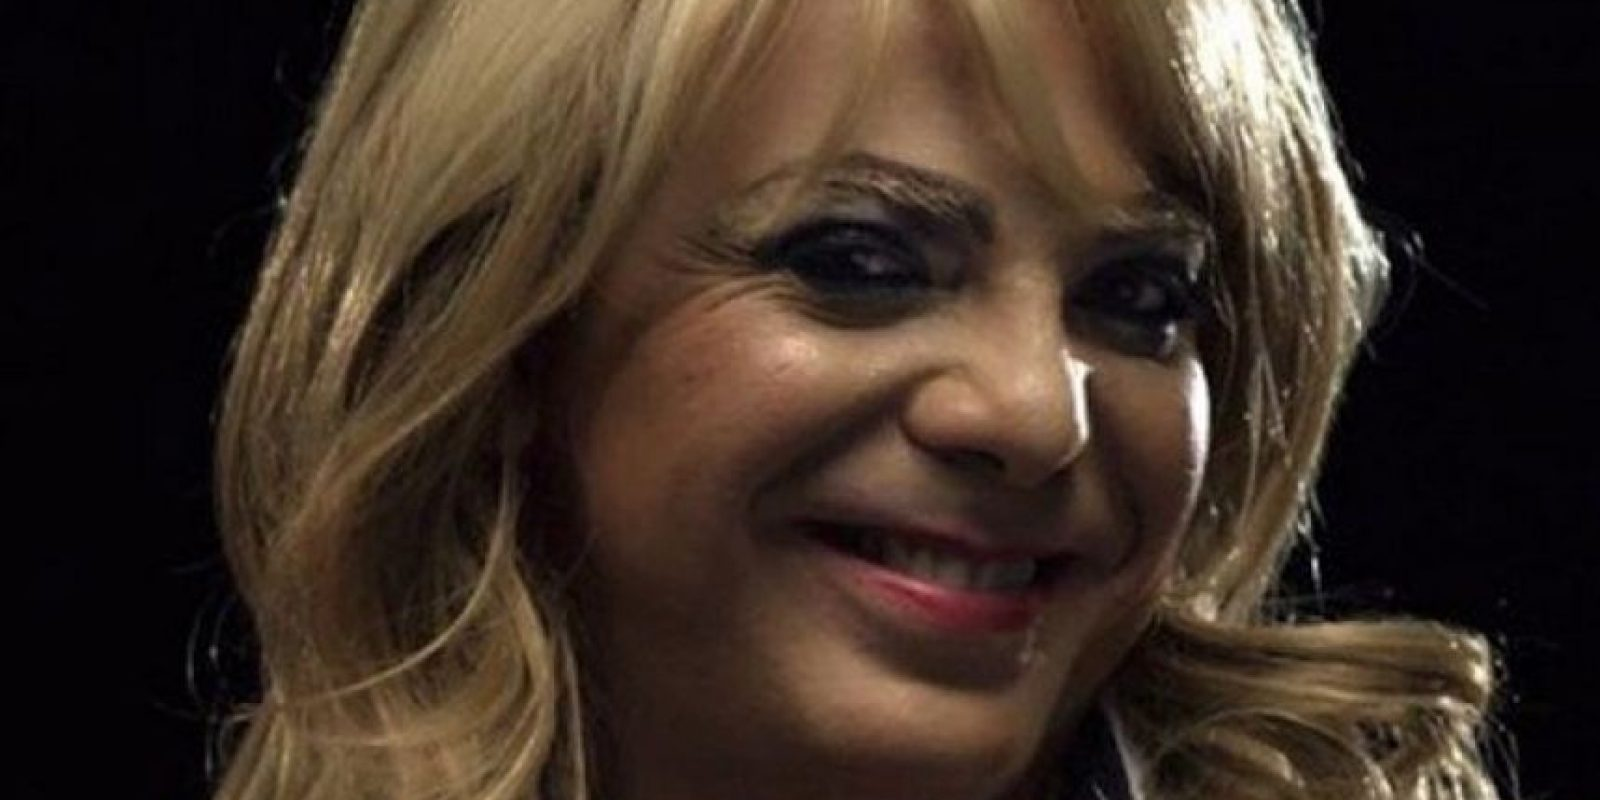 """Mientras simulaba ser la """"Reina de belleza"""", el intéprete de """"Azul"""" se cayó del escenario en un concierto de rock en México. Foto:vía twitter.com/cristiancastro"""